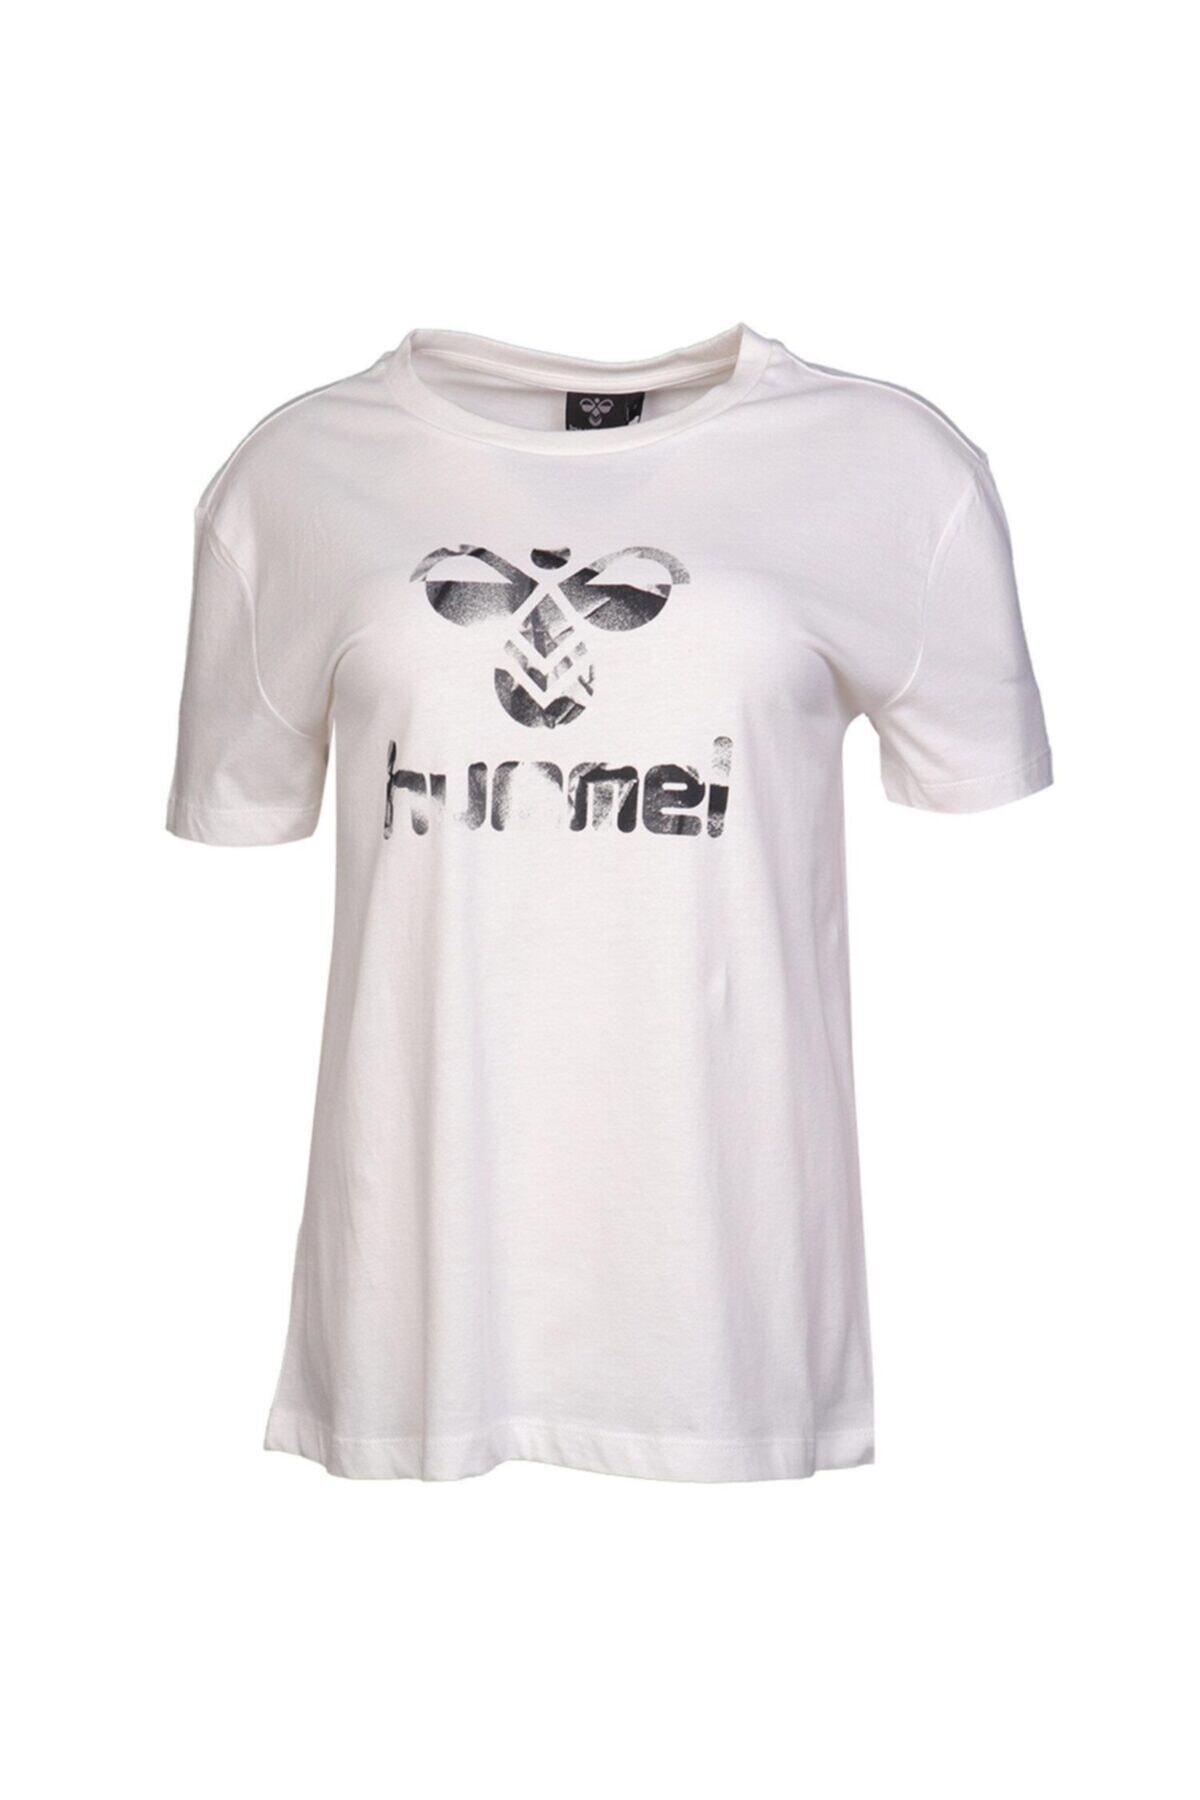 HUMMEL Kadın Beyaz Tişört 911033-9003 2